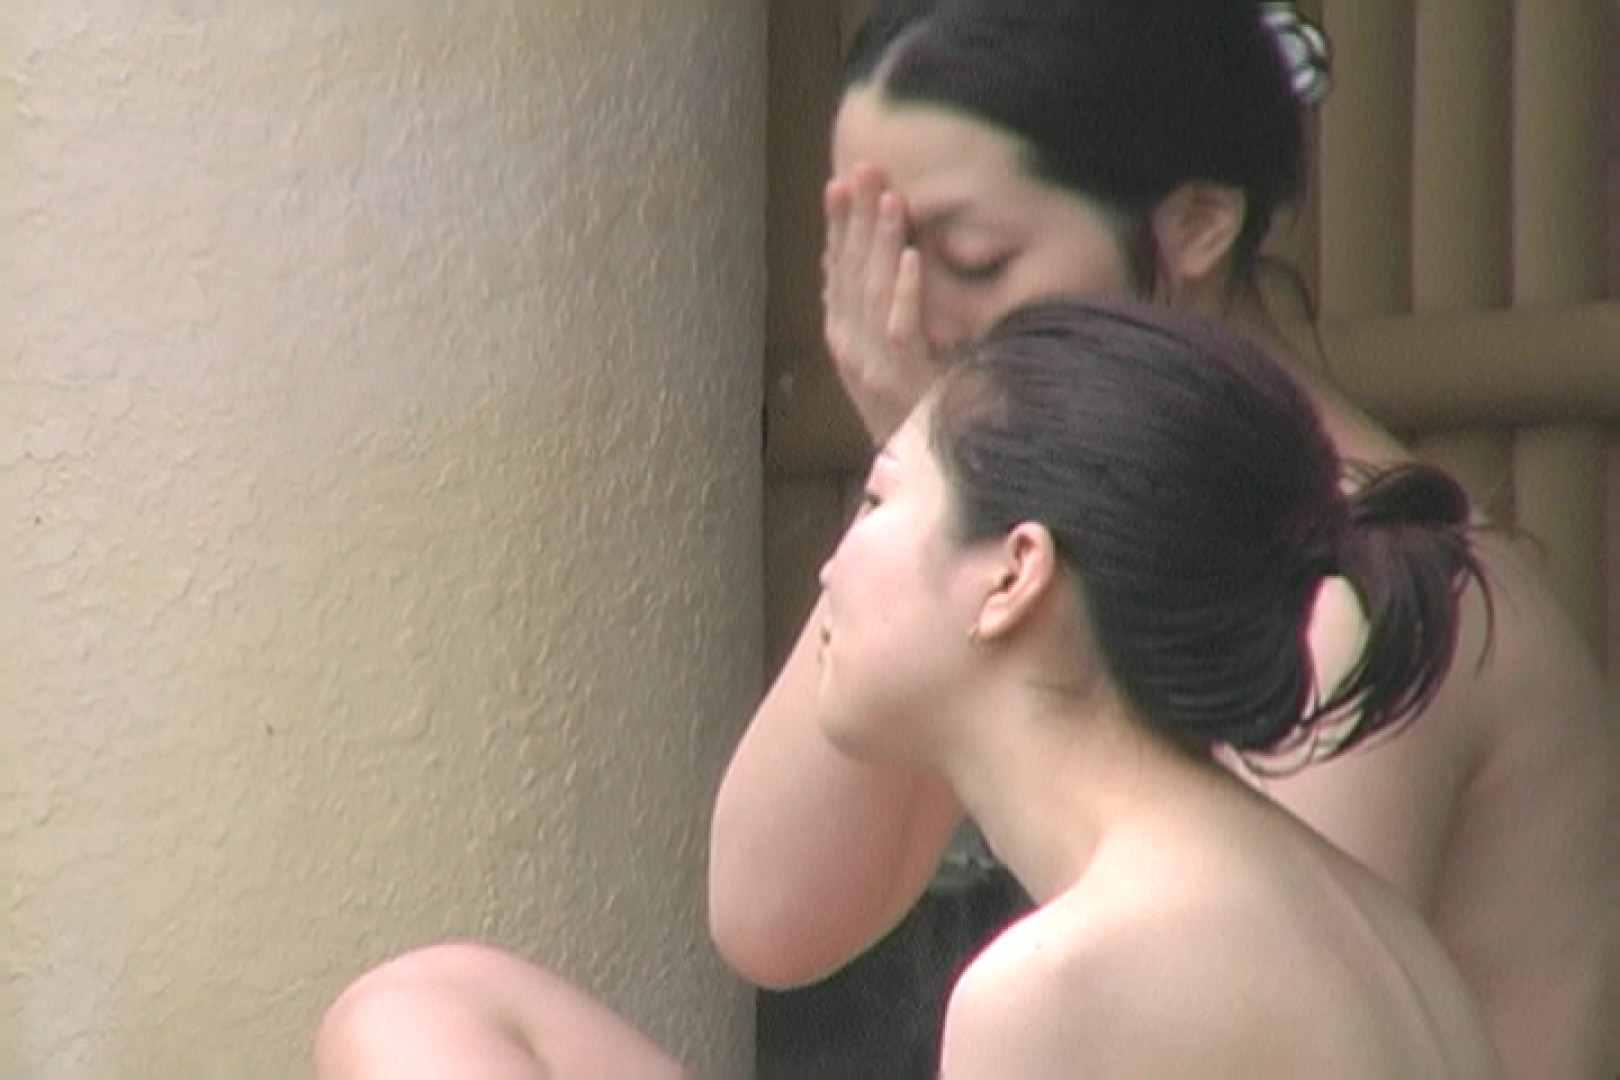 Aquaな露天風呂Vol.641 美しいOLの裸体 隠し撮りオマンコ動画紹介 97pic 14